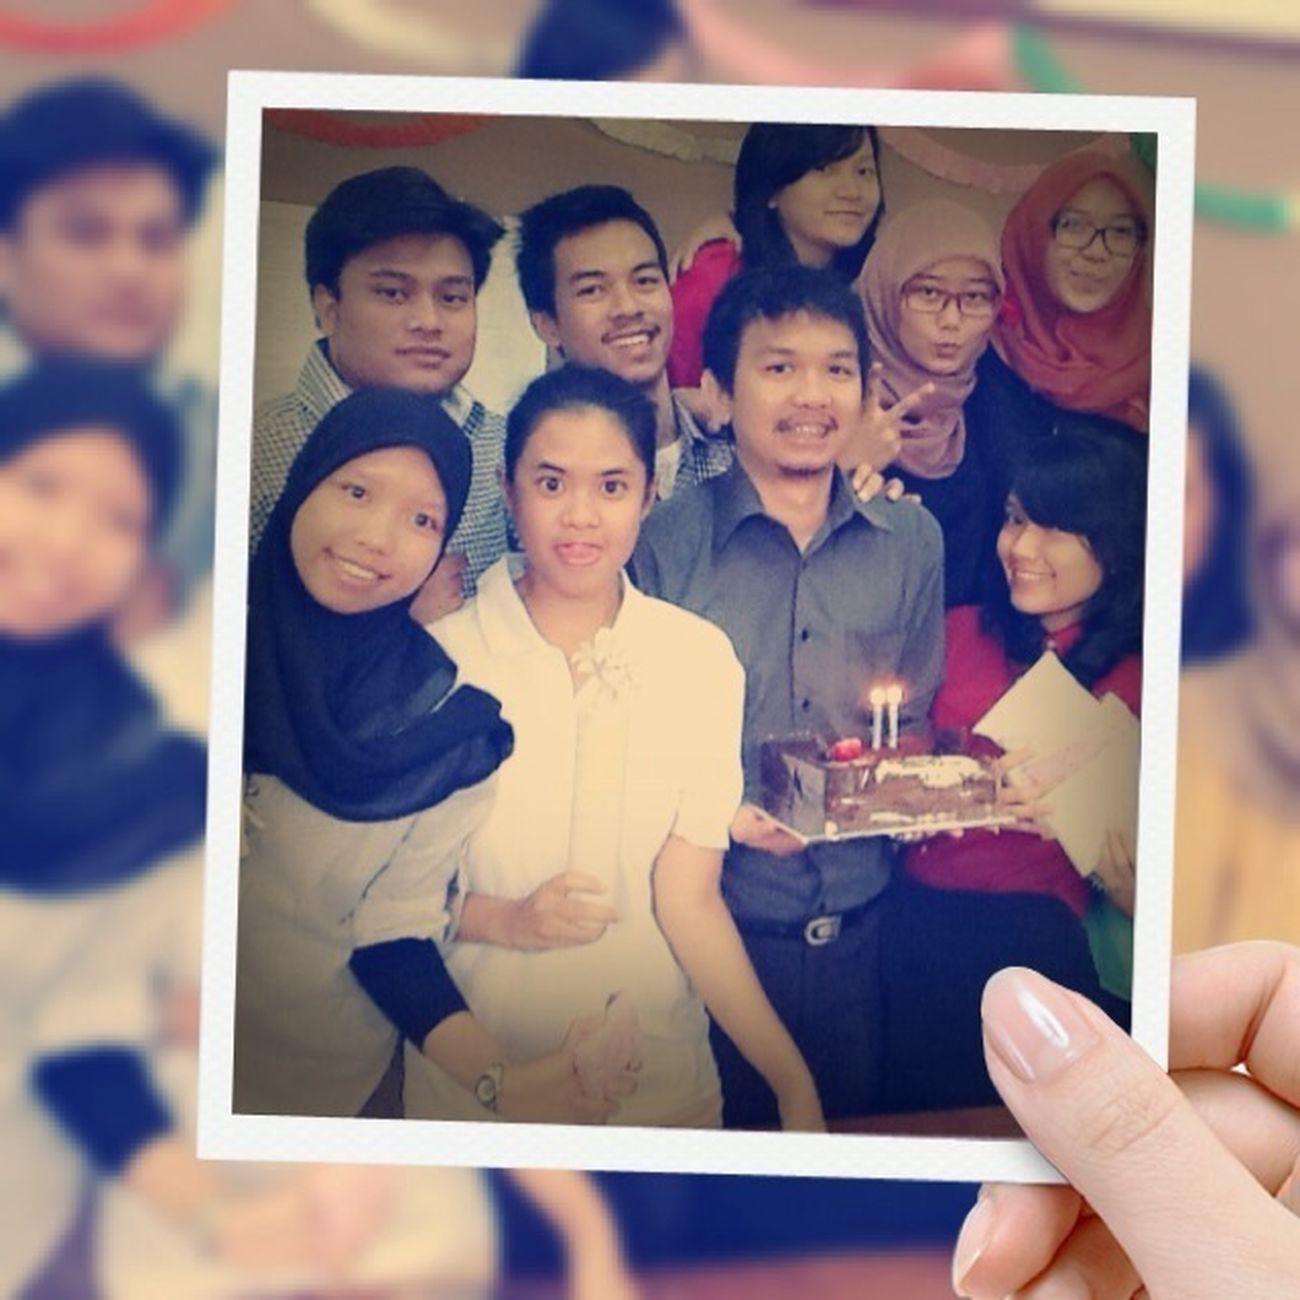 #C3 Ceriaaahh #birthday #Last Activity #Allright :)